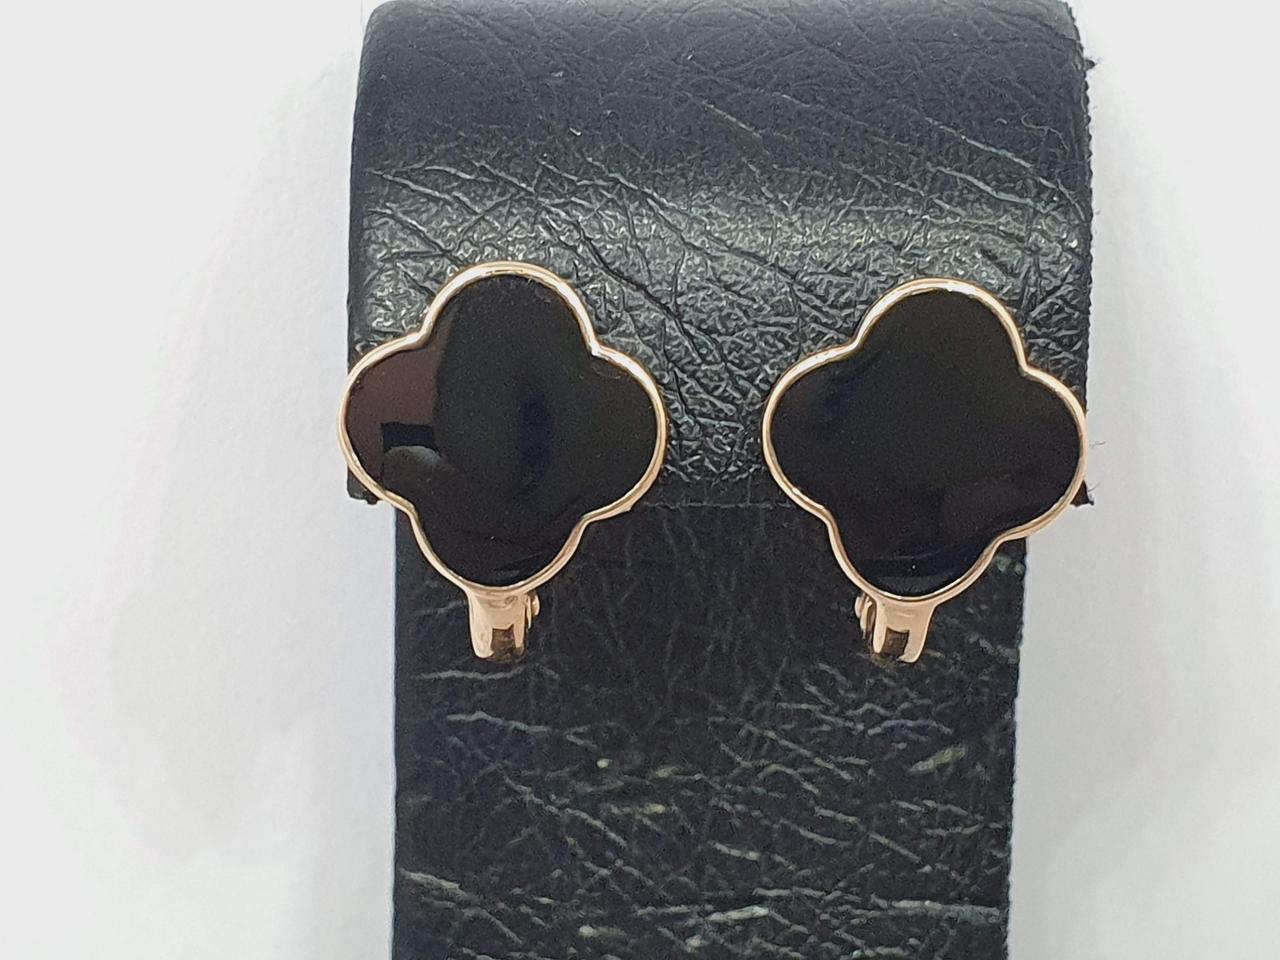 Золоті сережки в стилі Ван Кліф з емаллю. Артикул 1720556Ч